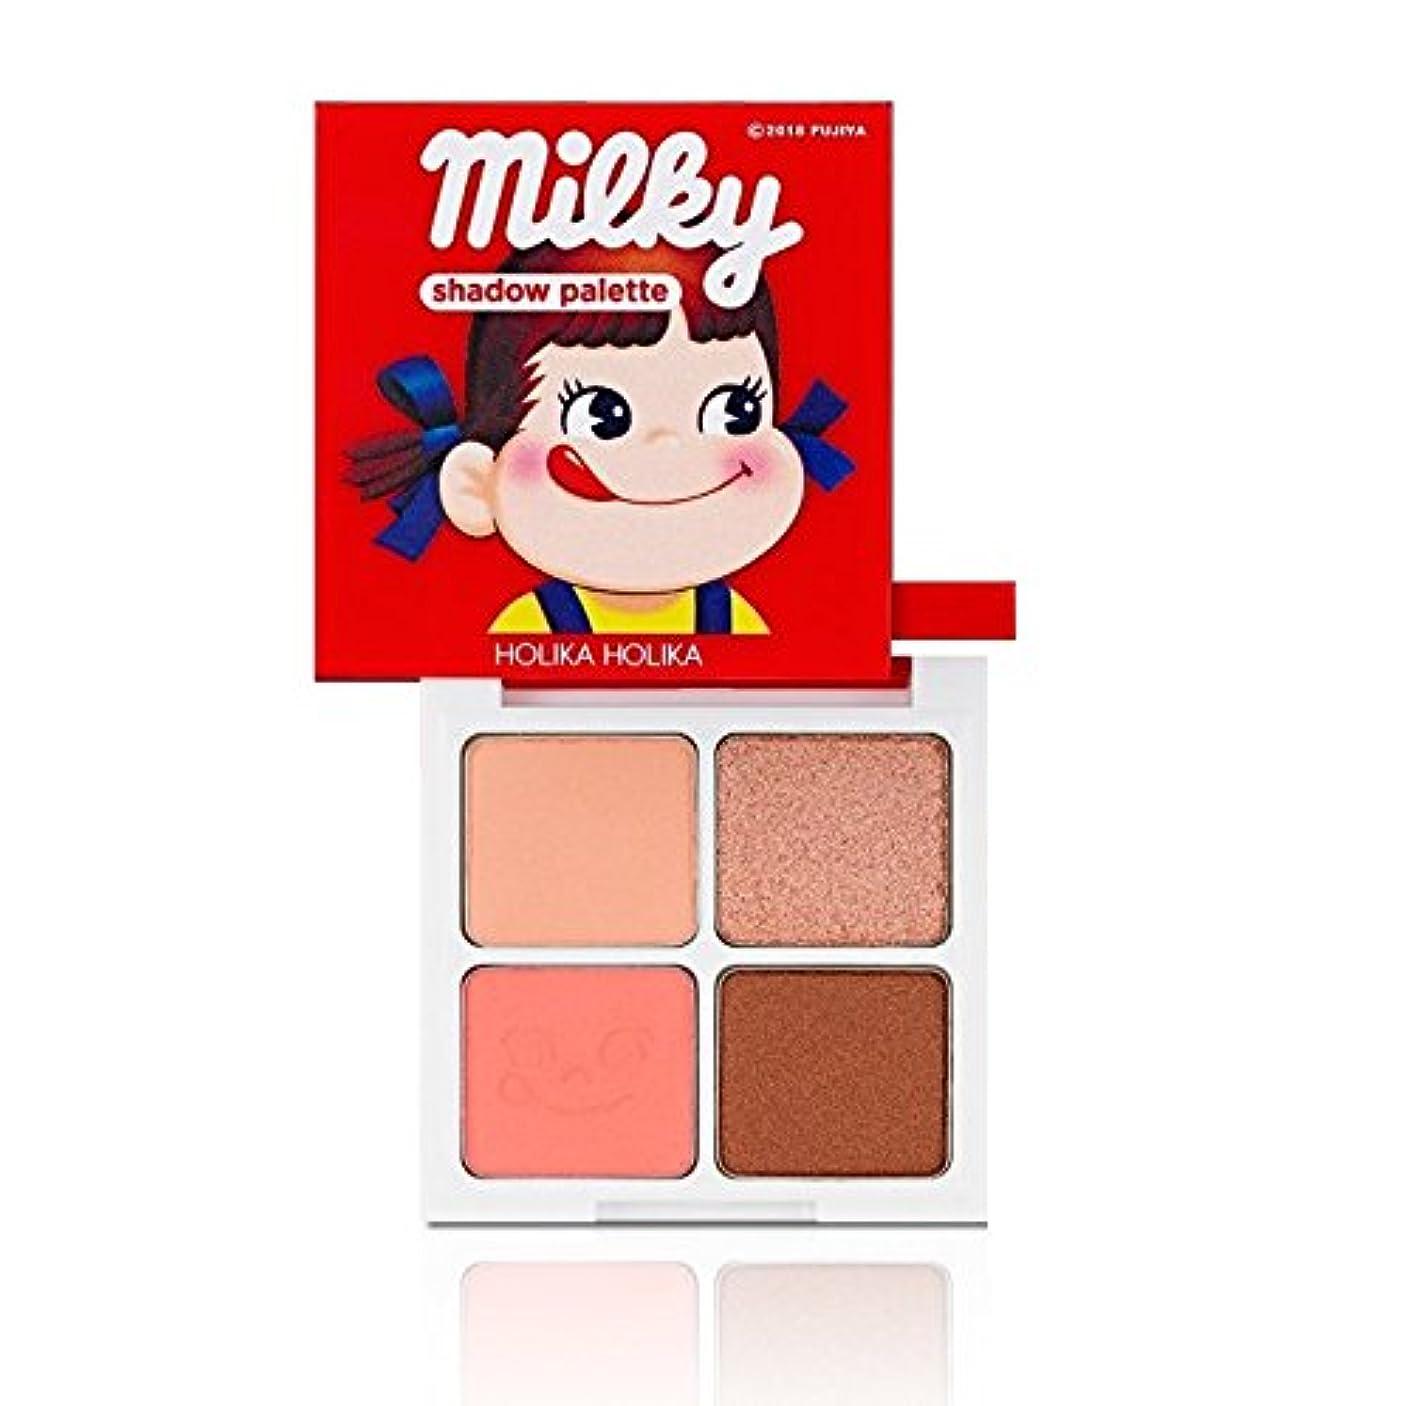 トイレために全能Holika Holika [Sweet Peko Edition] 4 Shadow Palette #01 Strawberry Caramel/ホリカホリカ [スイートペコエディション] 4色シャドウパレット [並行輸入品]